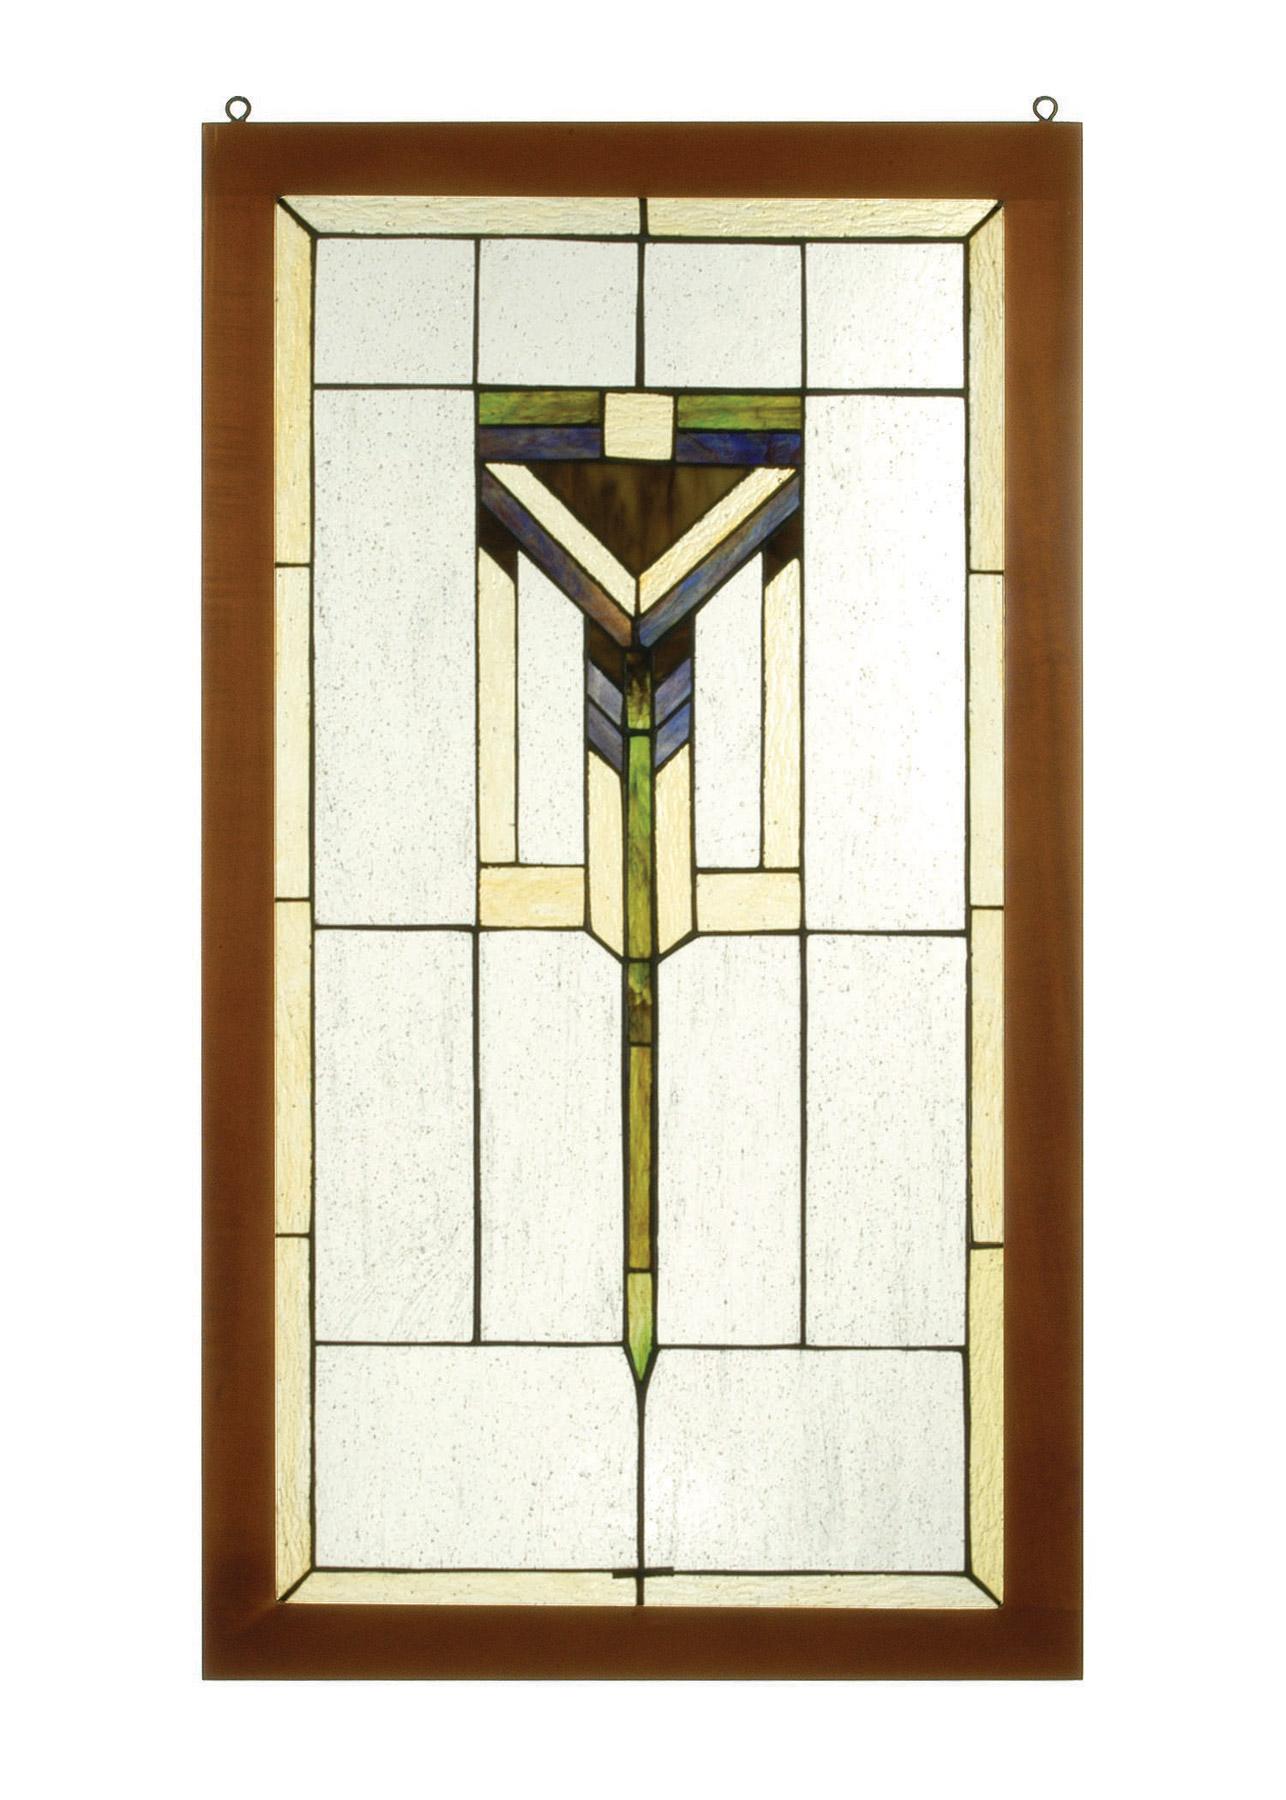 meyda 98099 tiffany prairie wood frame stained glass window